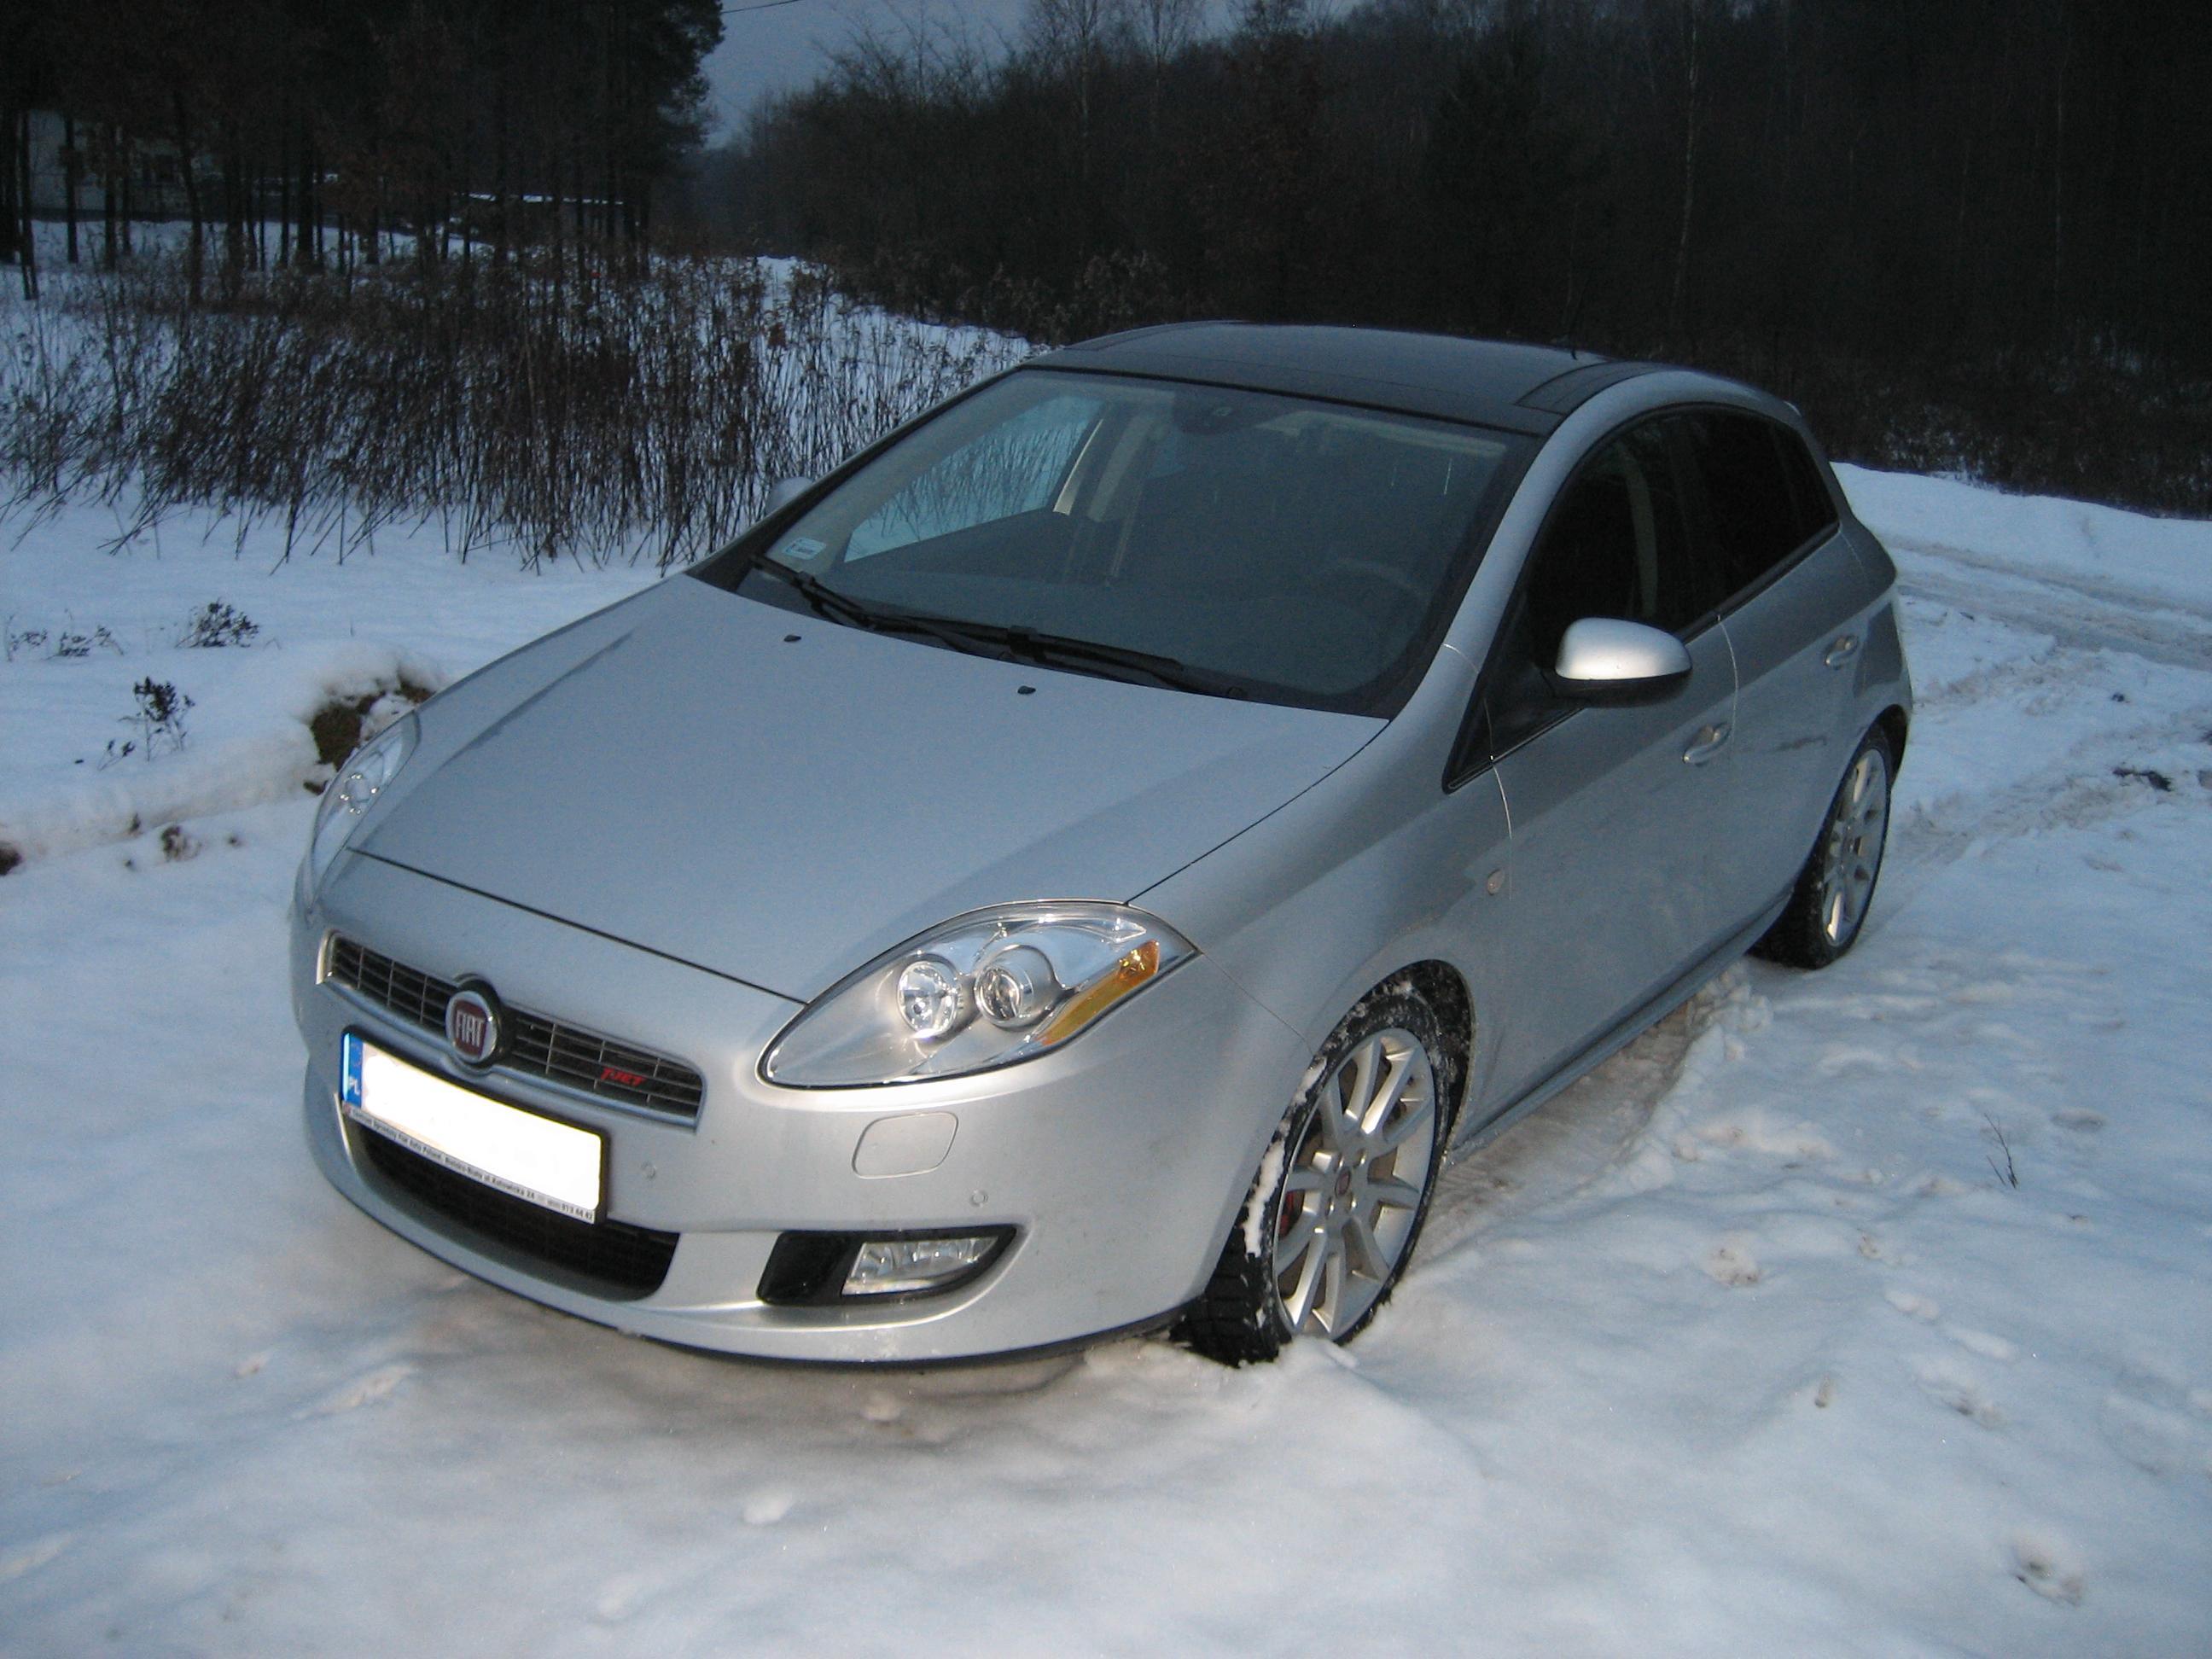 Kliknij w obrazek, aby zobaczyć większą wersję  Nazwa:2010-12-12_Fiat_Bravo 1.4 T-Jet 150KM Sport - SB0413F_002.jpg Wyświetleń:171 Rozmiar:450.7 KB ID:712